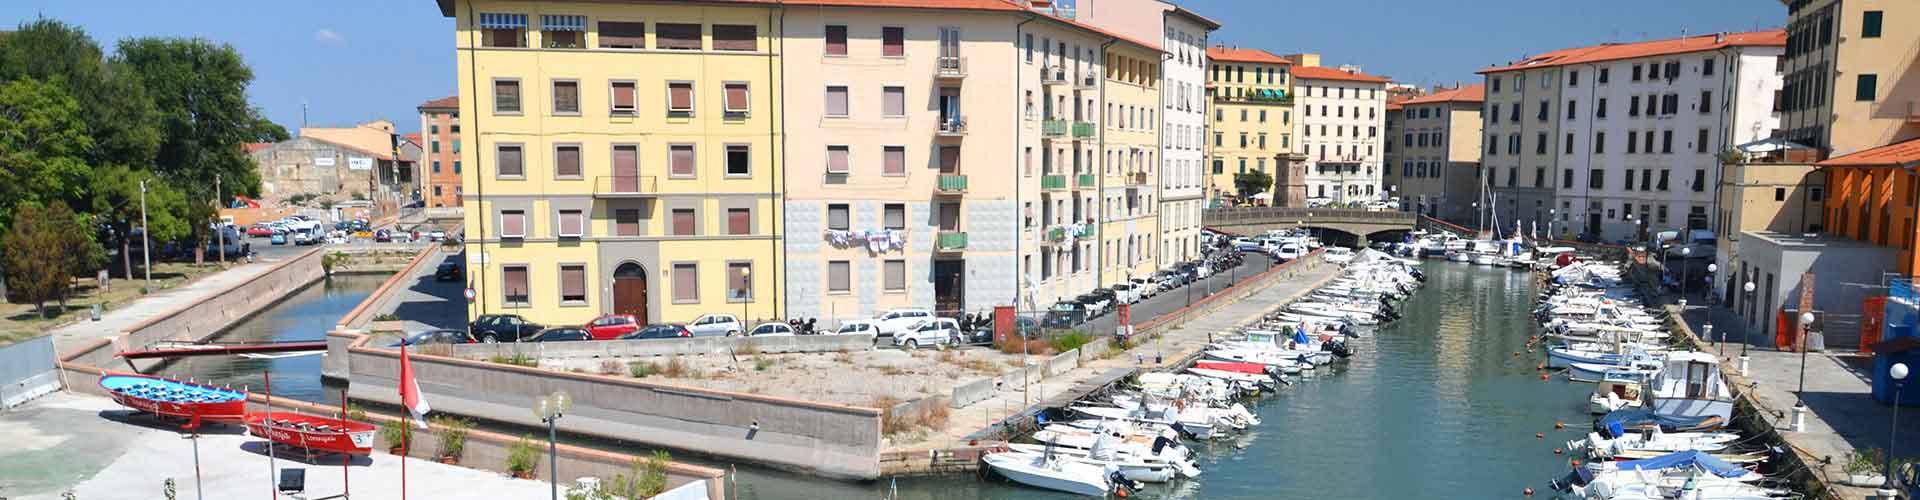 Livorno - Campamentos en Livorno. Mapas de Livorno, Fotos y comentarios de cada Campamento en Livorno.